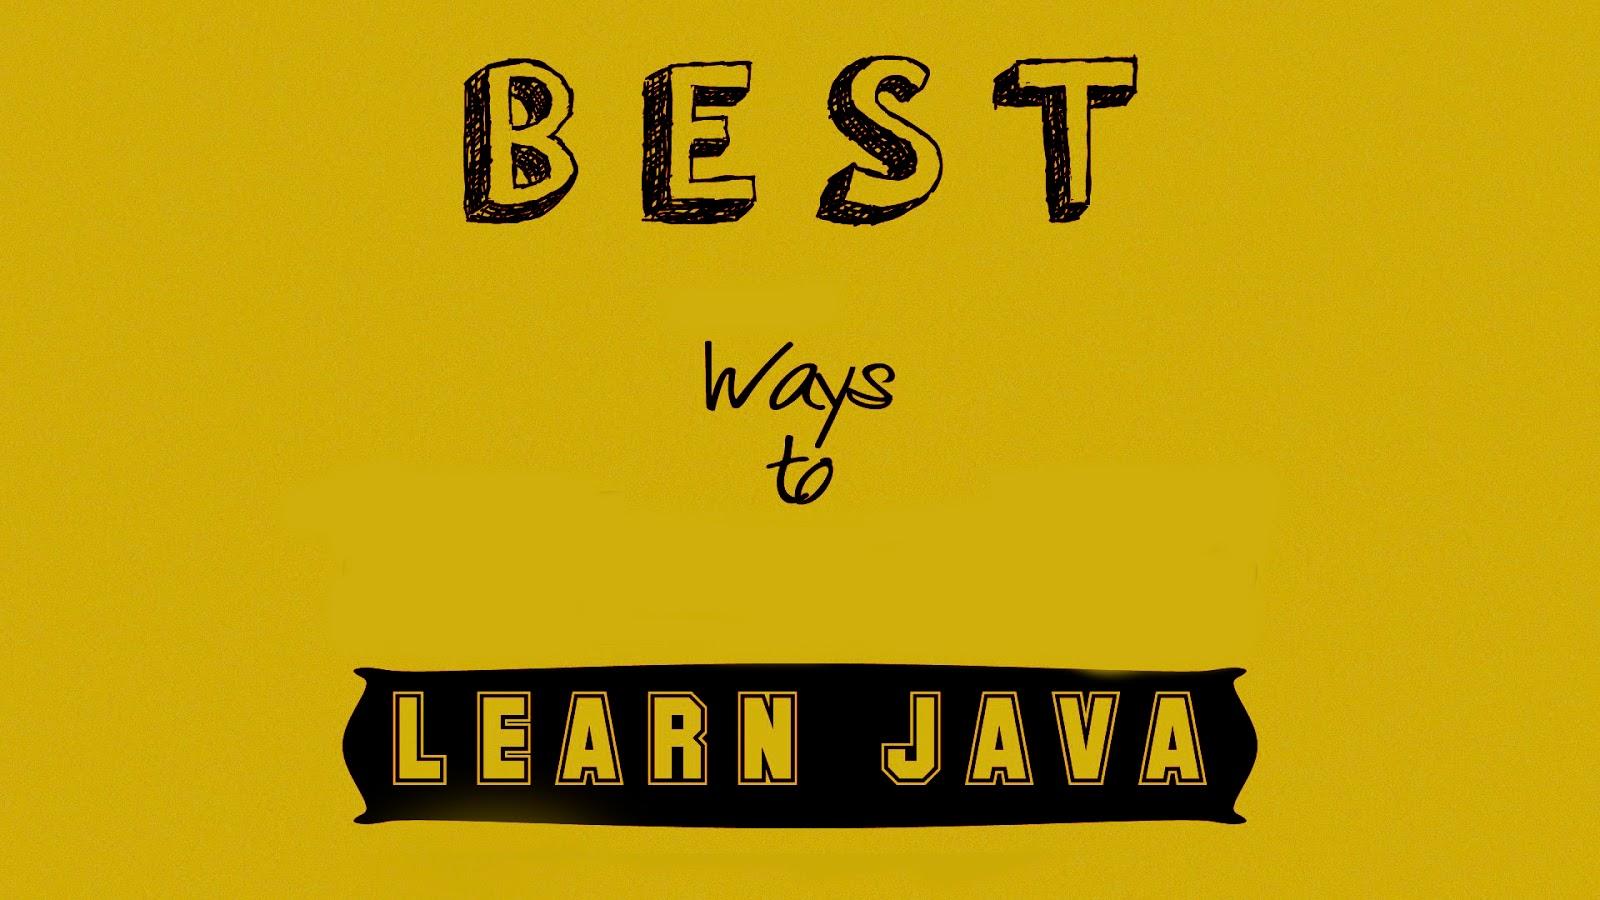 Java tutorial tech news n career java tutorial baditri Image collections